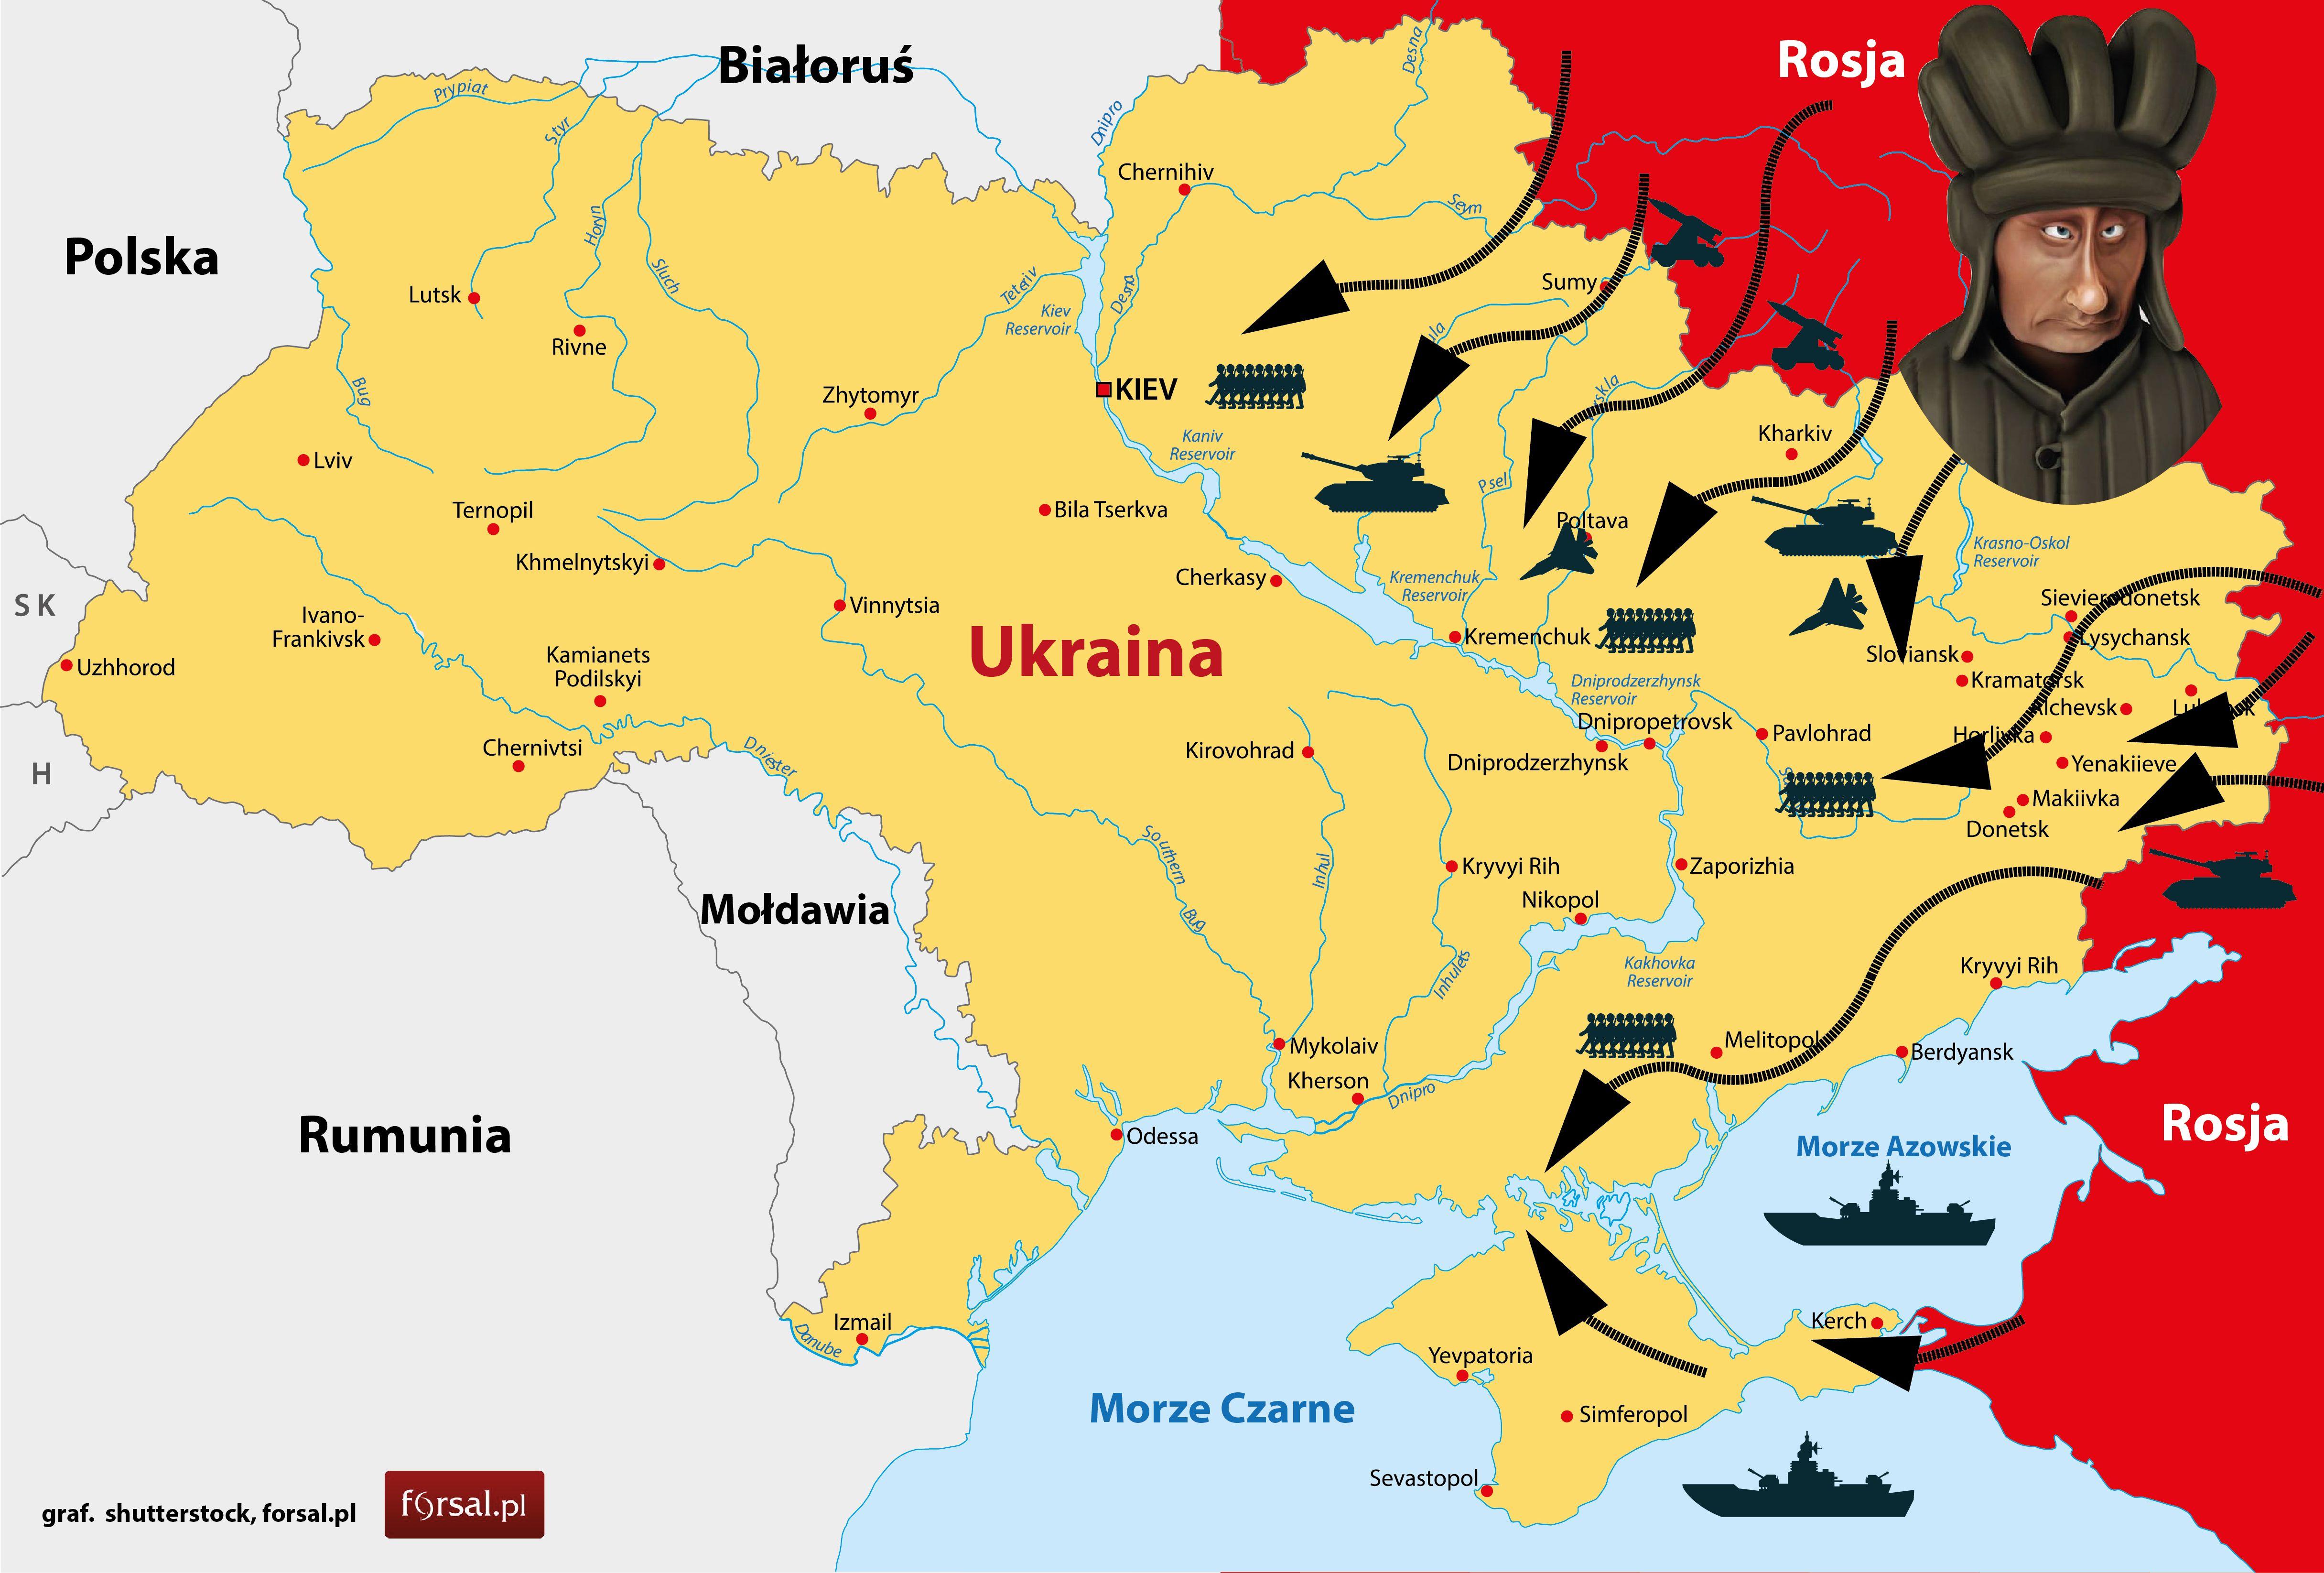 Plan Rozbioru Ukrainy Rosja Planowala Inwazje Na Krym Juz Od